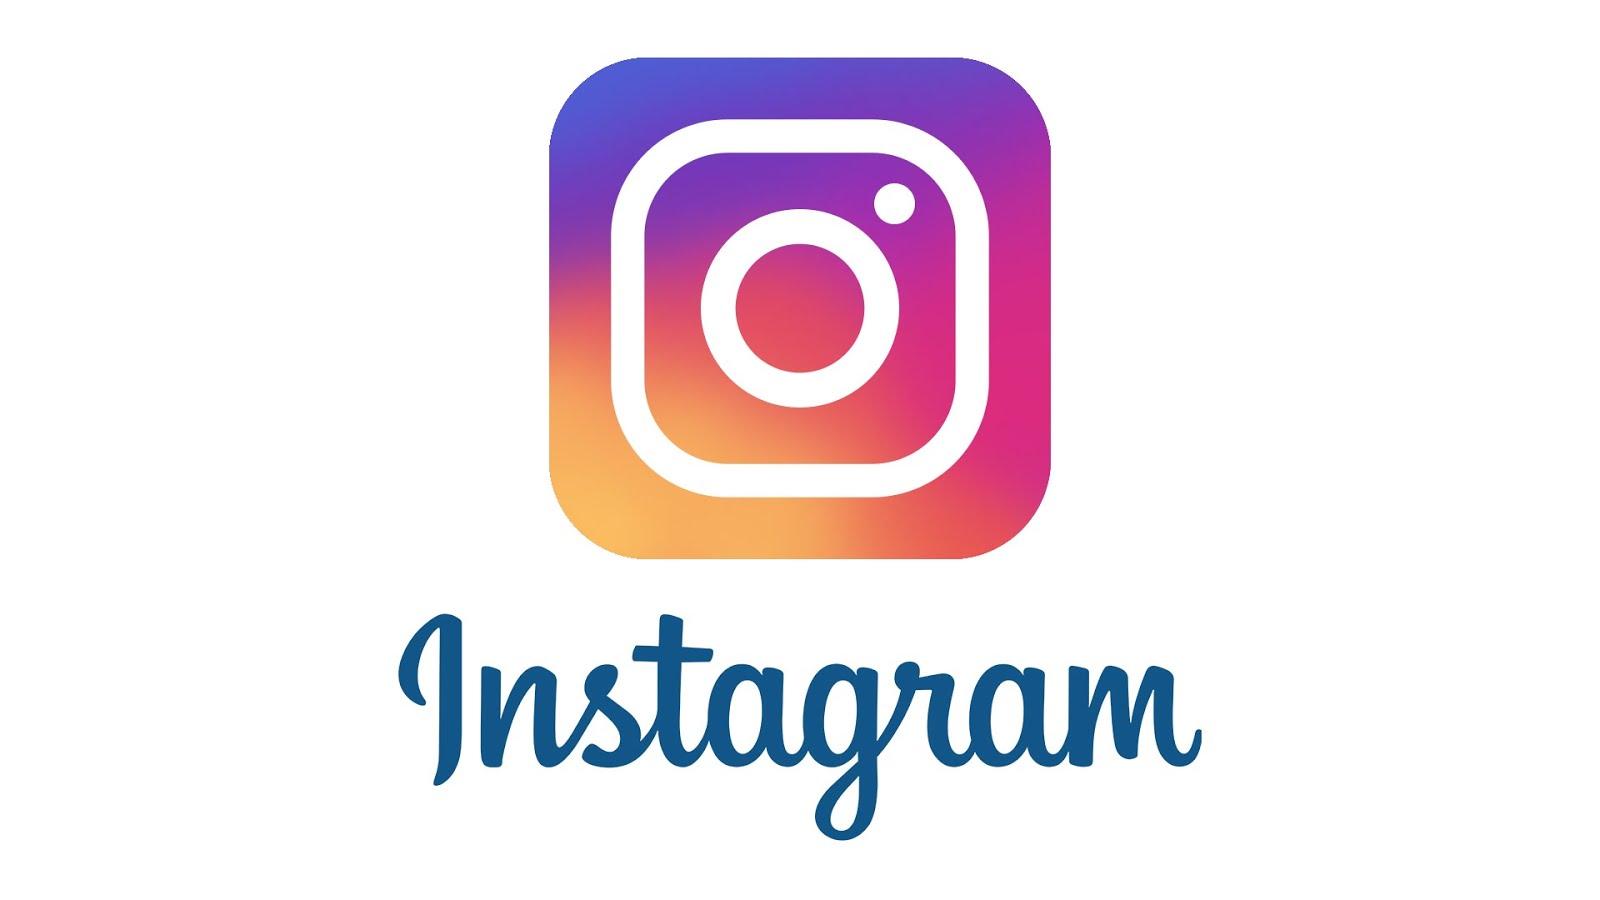 Volg me op Instagram